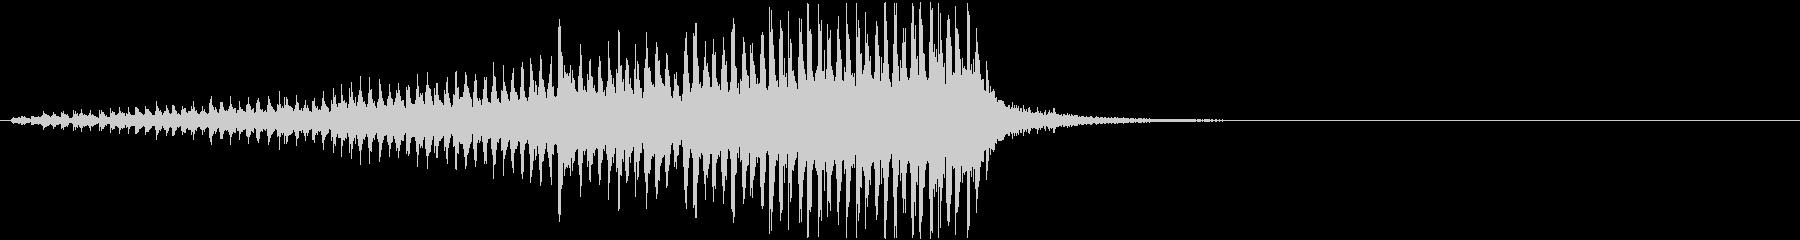 ドラムロールD(長め・シンバル無し)の未再生の波形